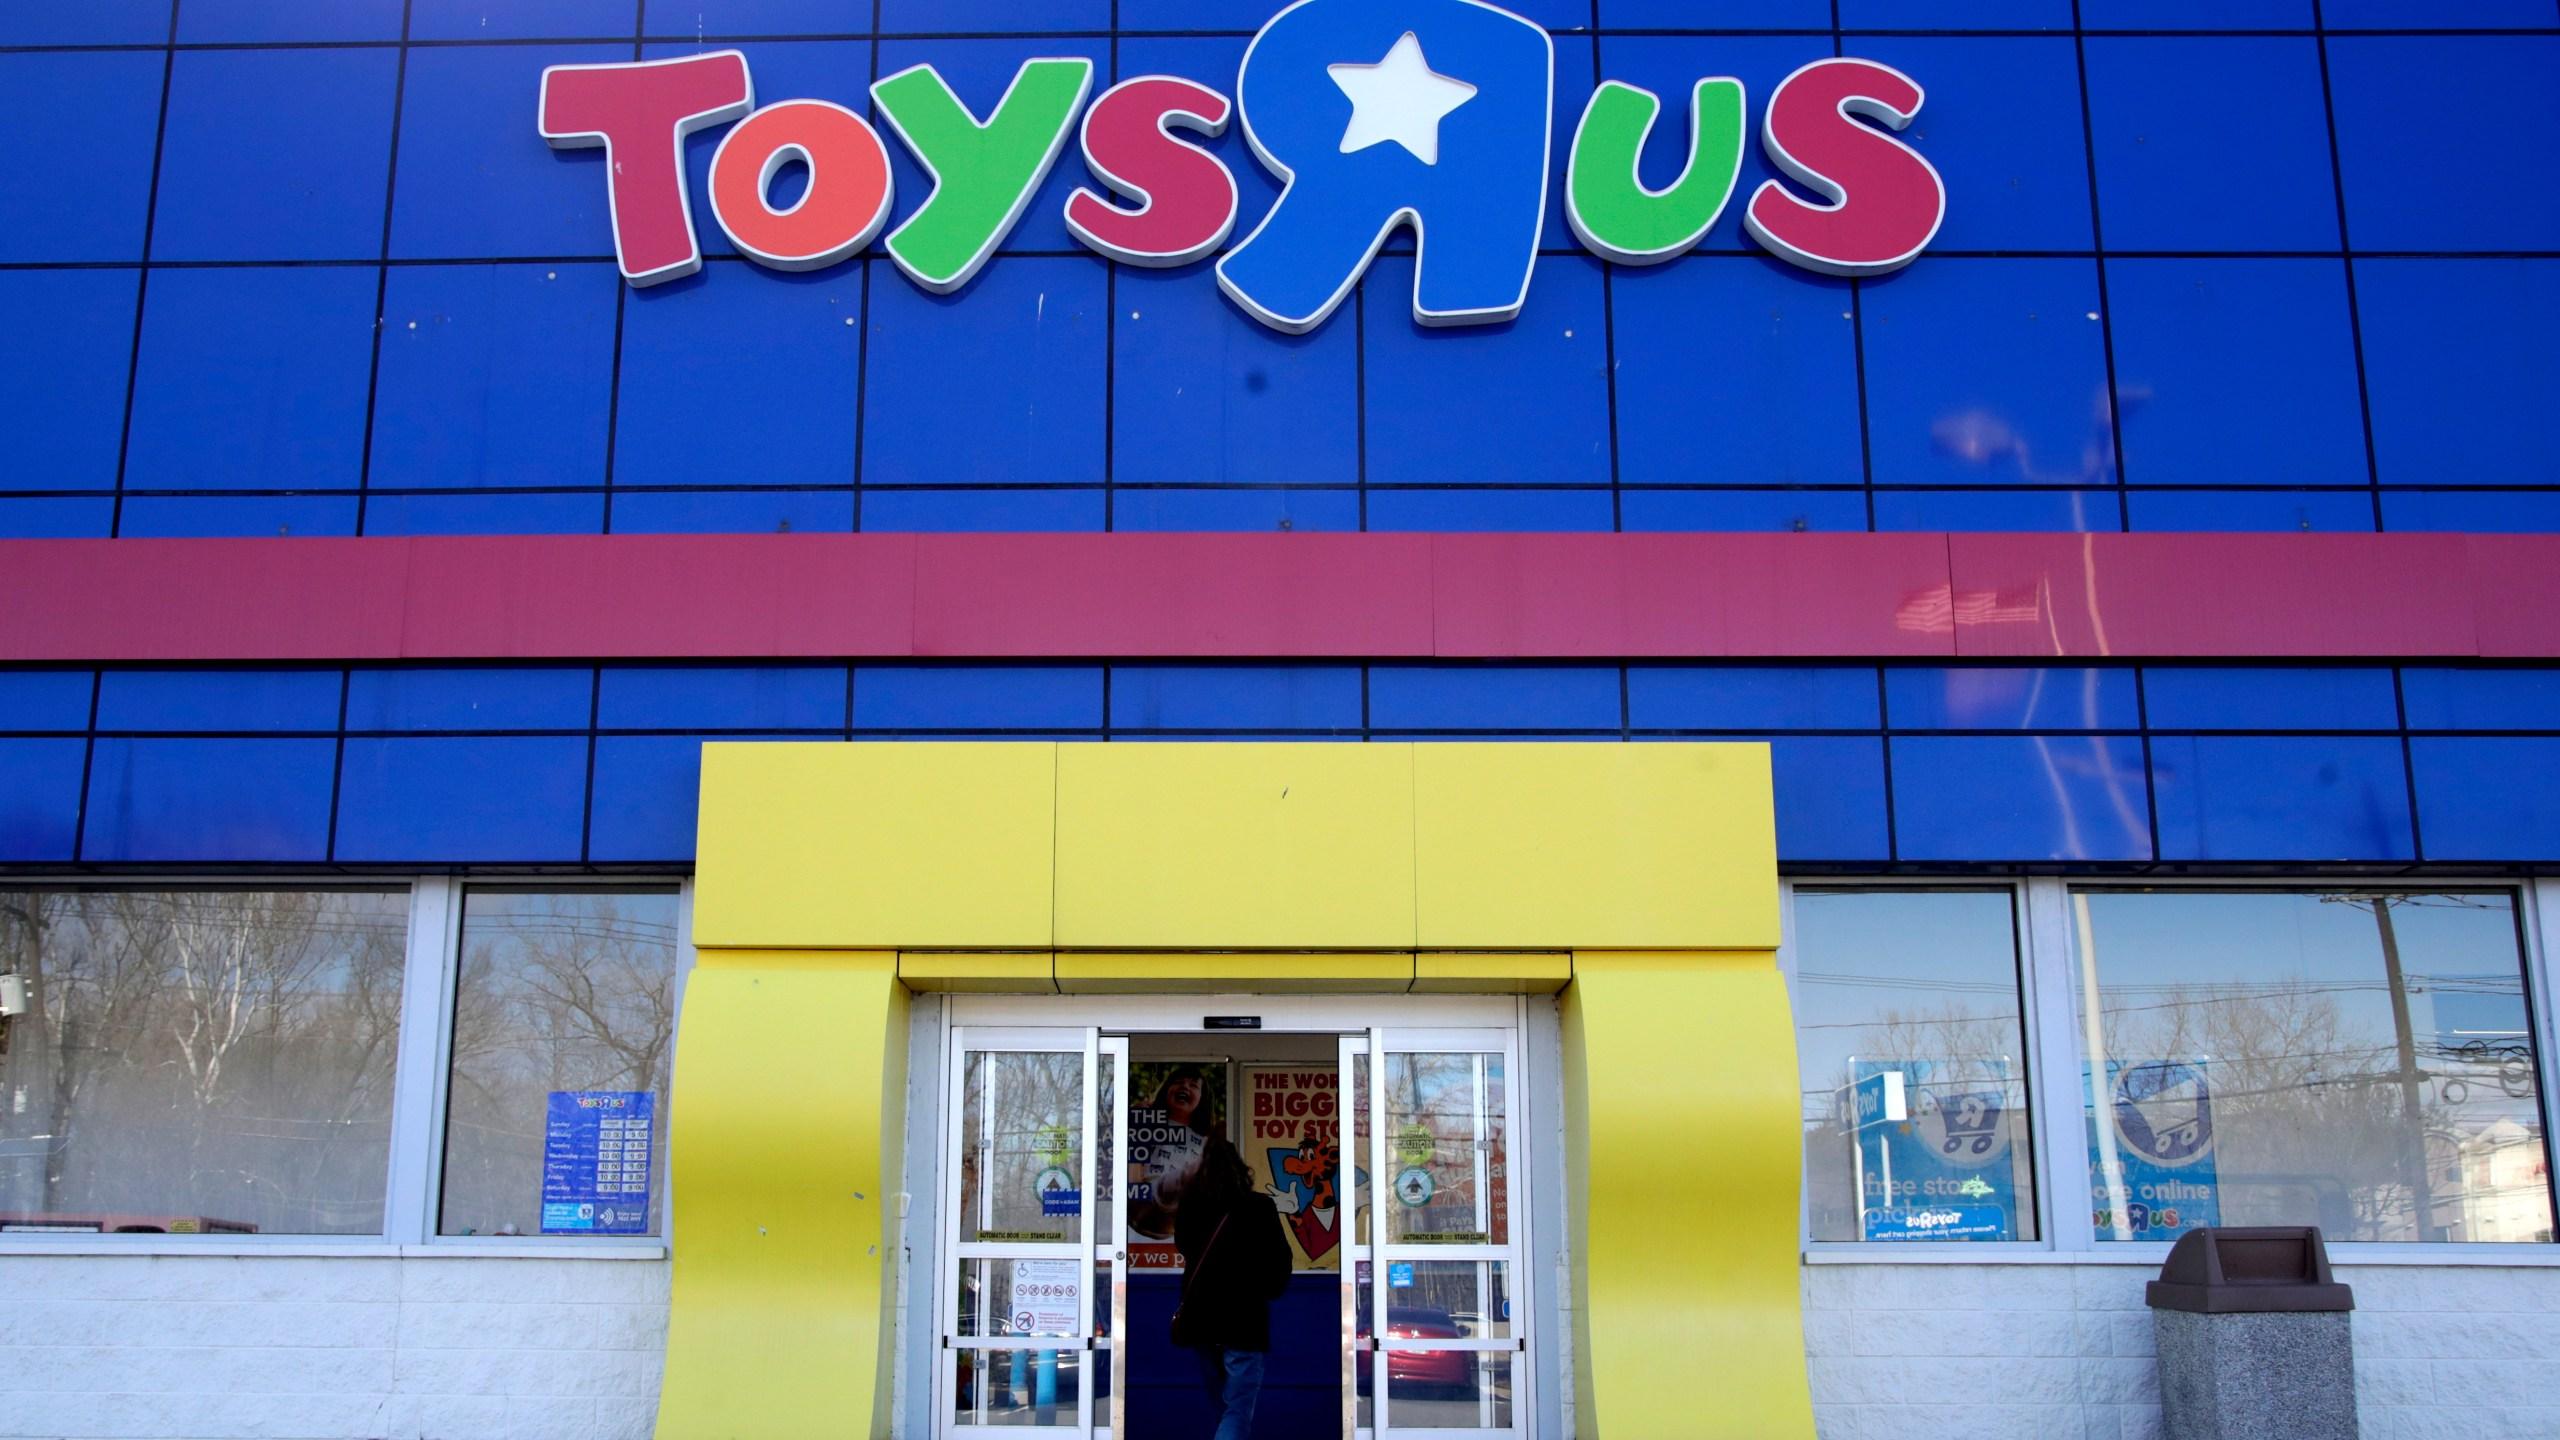 Toys_R_Us_Liquidation_21484-159532.jpg58074530